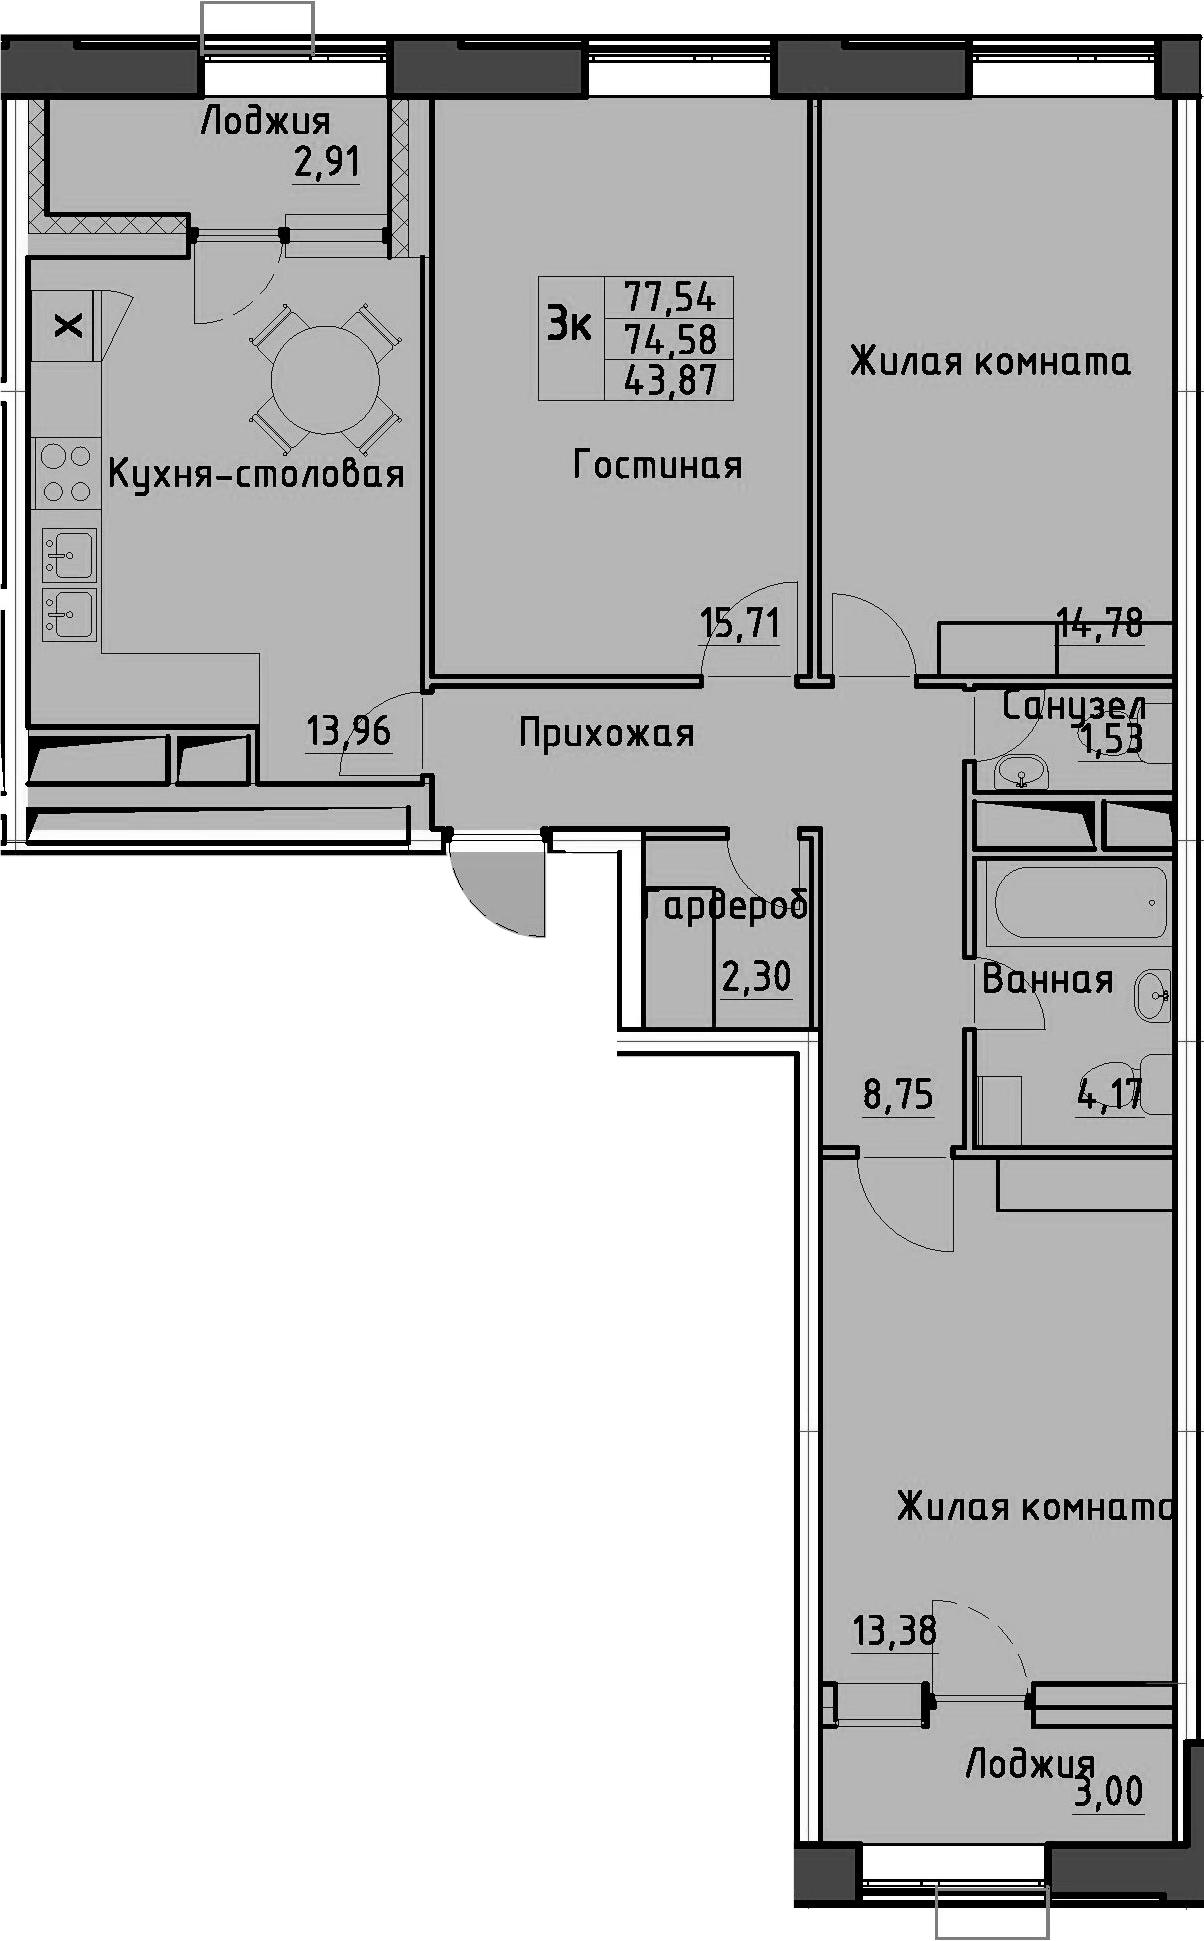 3-к.кв, 77.54 м²